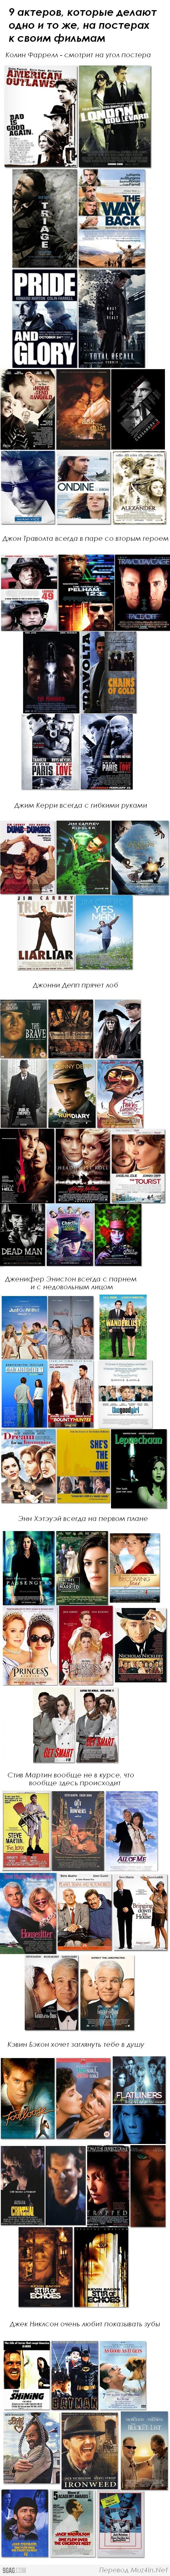 9 актеров, которые делают одно и то же, на постерах к своим фильмам